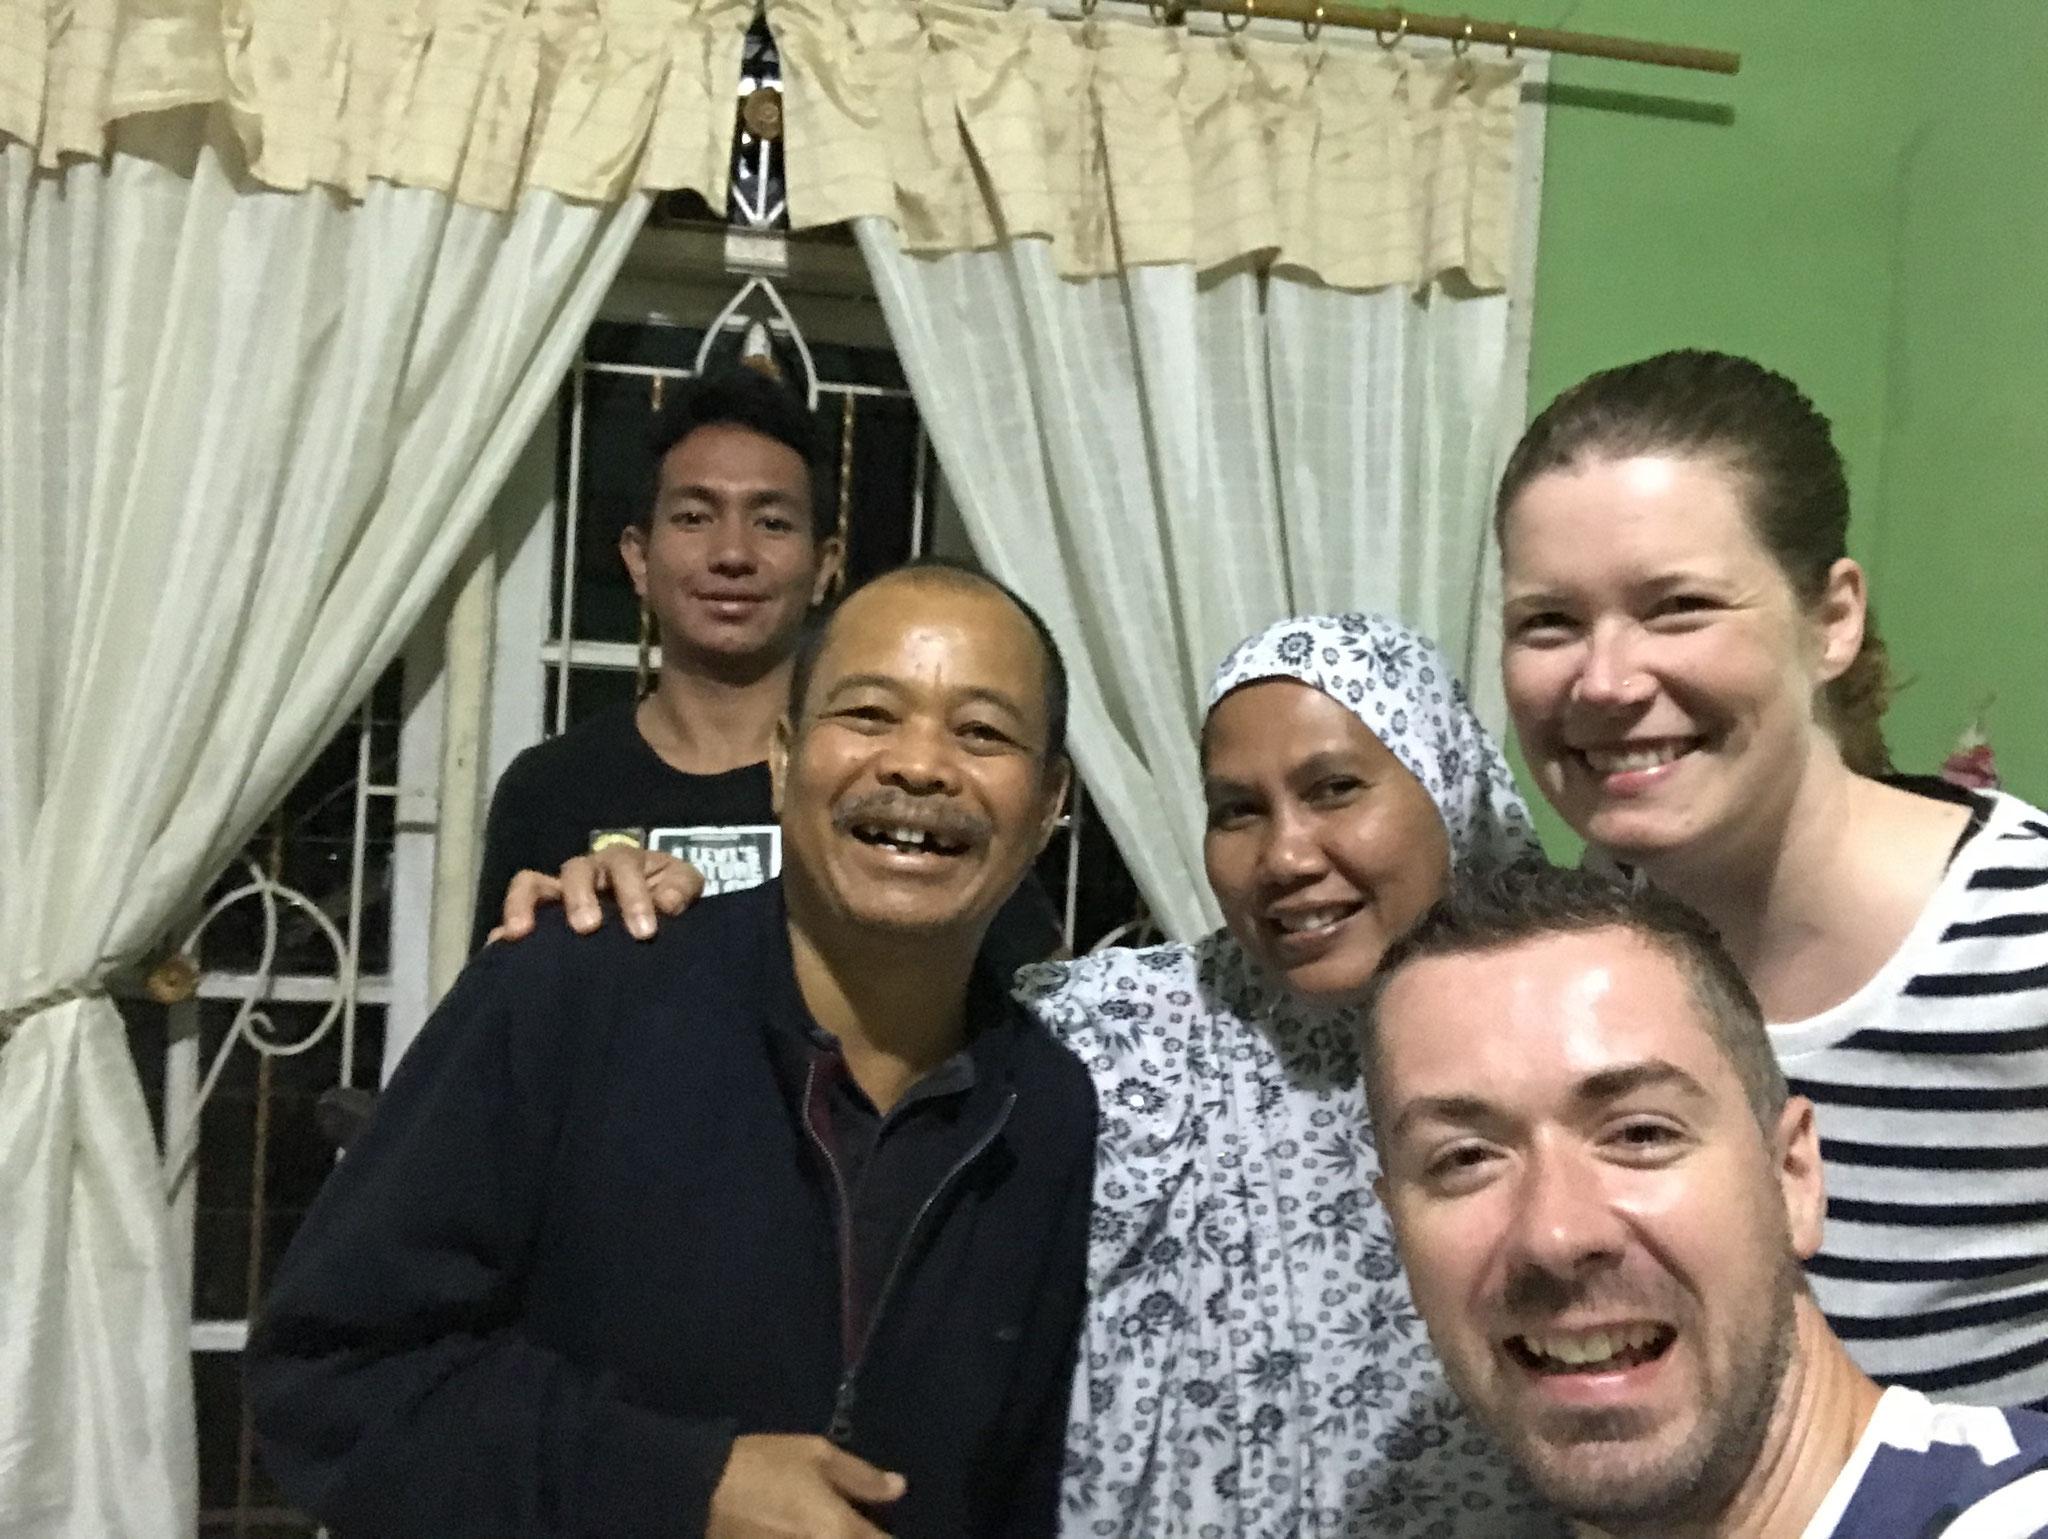 Die liebenswürdige Familie vom Kaesa-Guesthouse in Berastagi: Kesh, Evi und ihr Sohn Eful